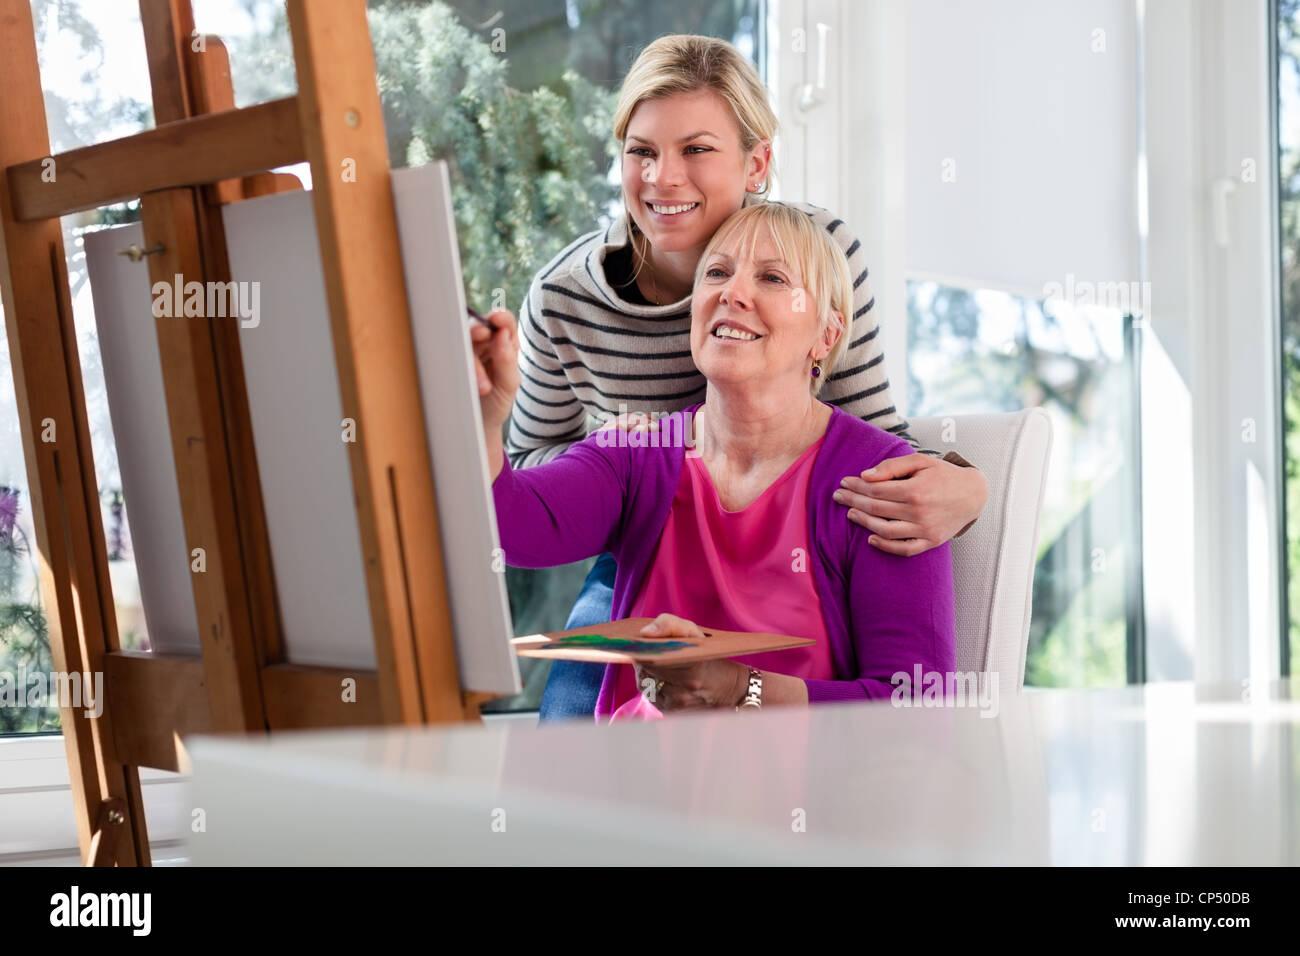 Familienbild mit glückliche Mutter malen für Hobby und Tochter lächelnd und umarmen ihr zu Hause Stockbild